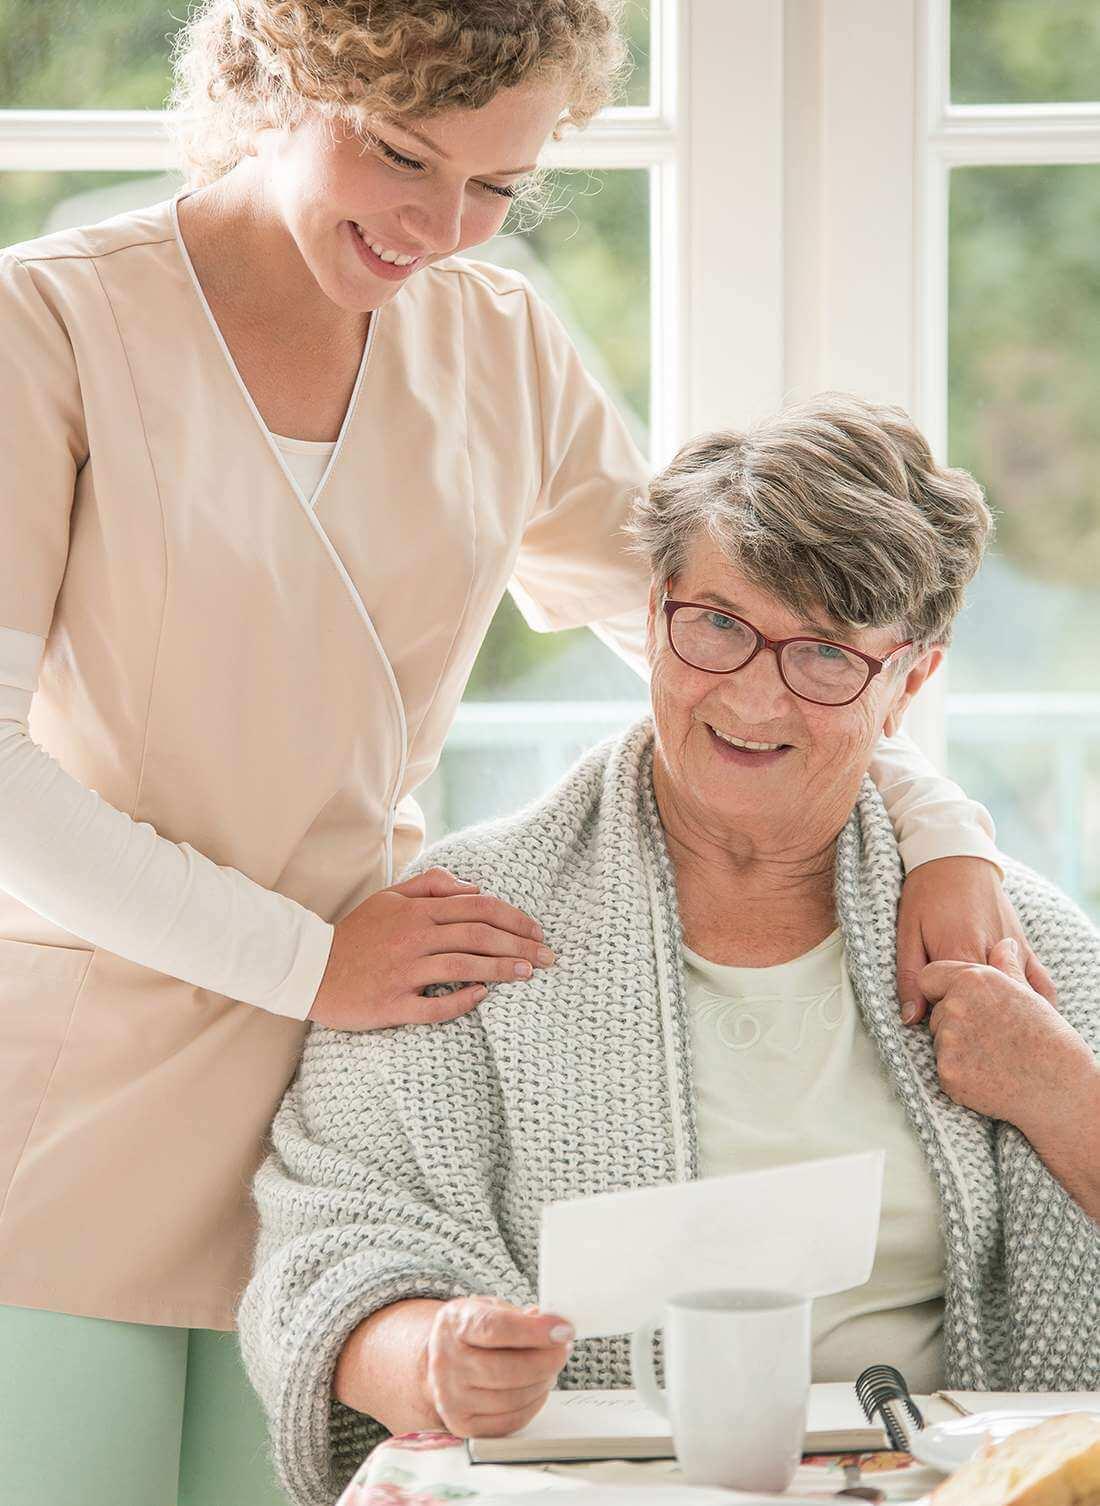 Seniorin wird von ihrer Pflegekraft bei der Erledigung der täglich anfallenden Aufgaben liebevoll unterstützt.